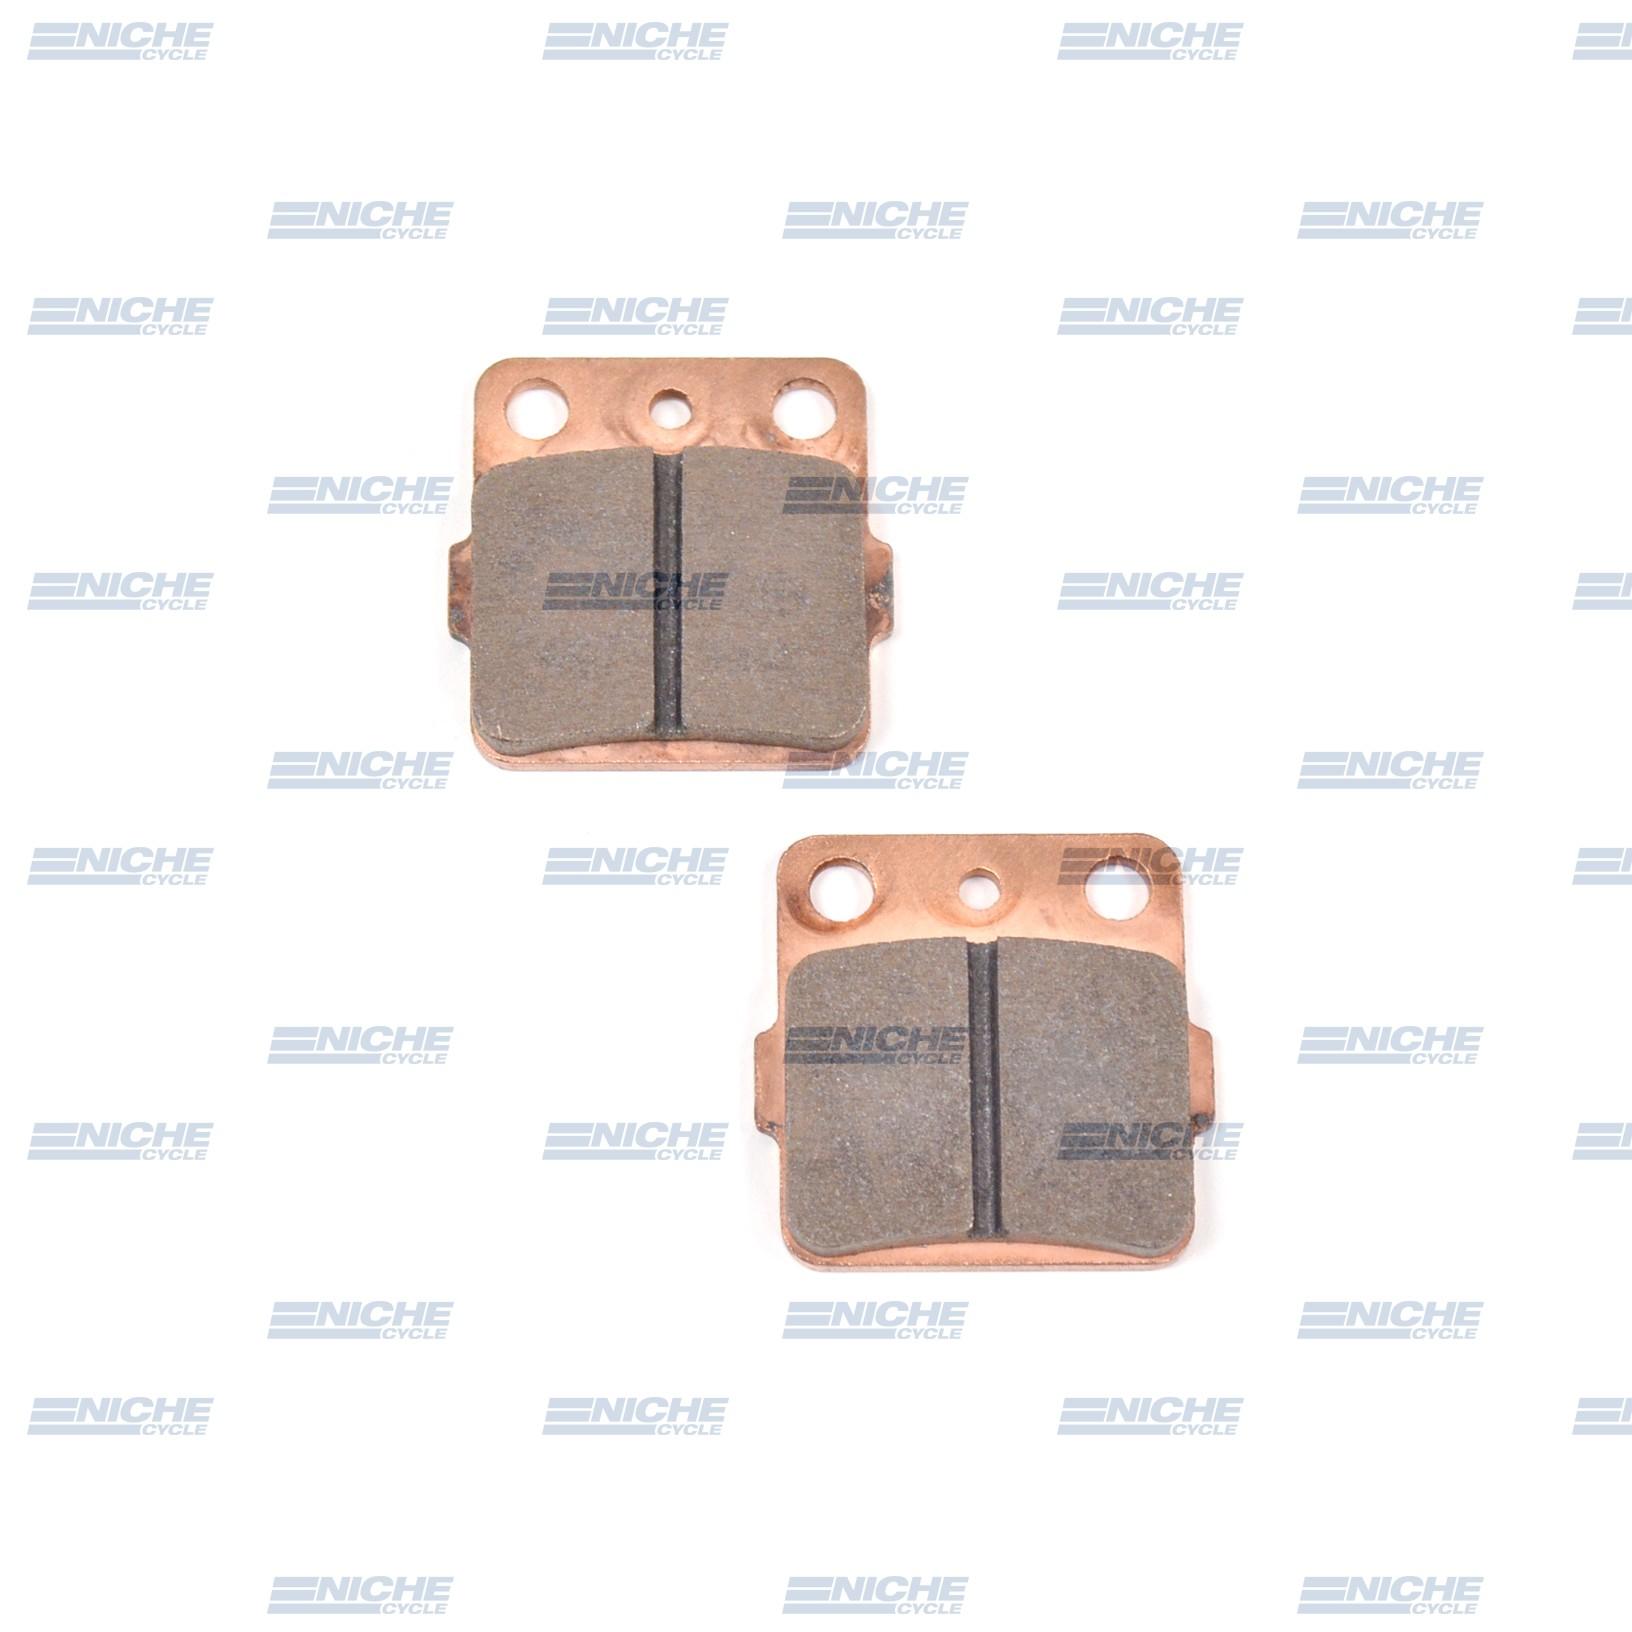 Brake Pad - Full Metal 64-51862